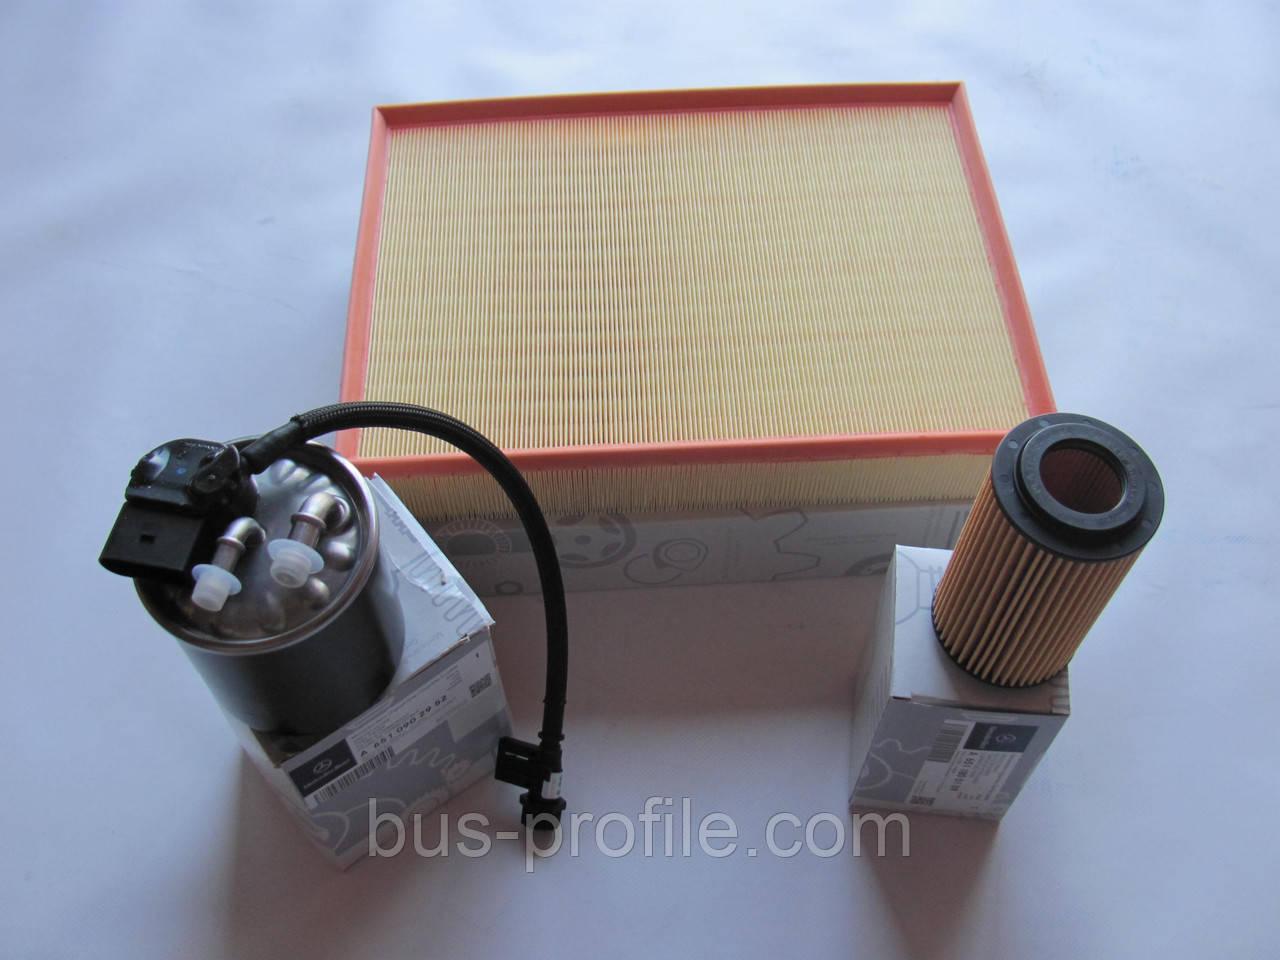 Комплект фильтров на MB Sprinter 906 OM651 2009→ — Mercedes Original — 0001806409